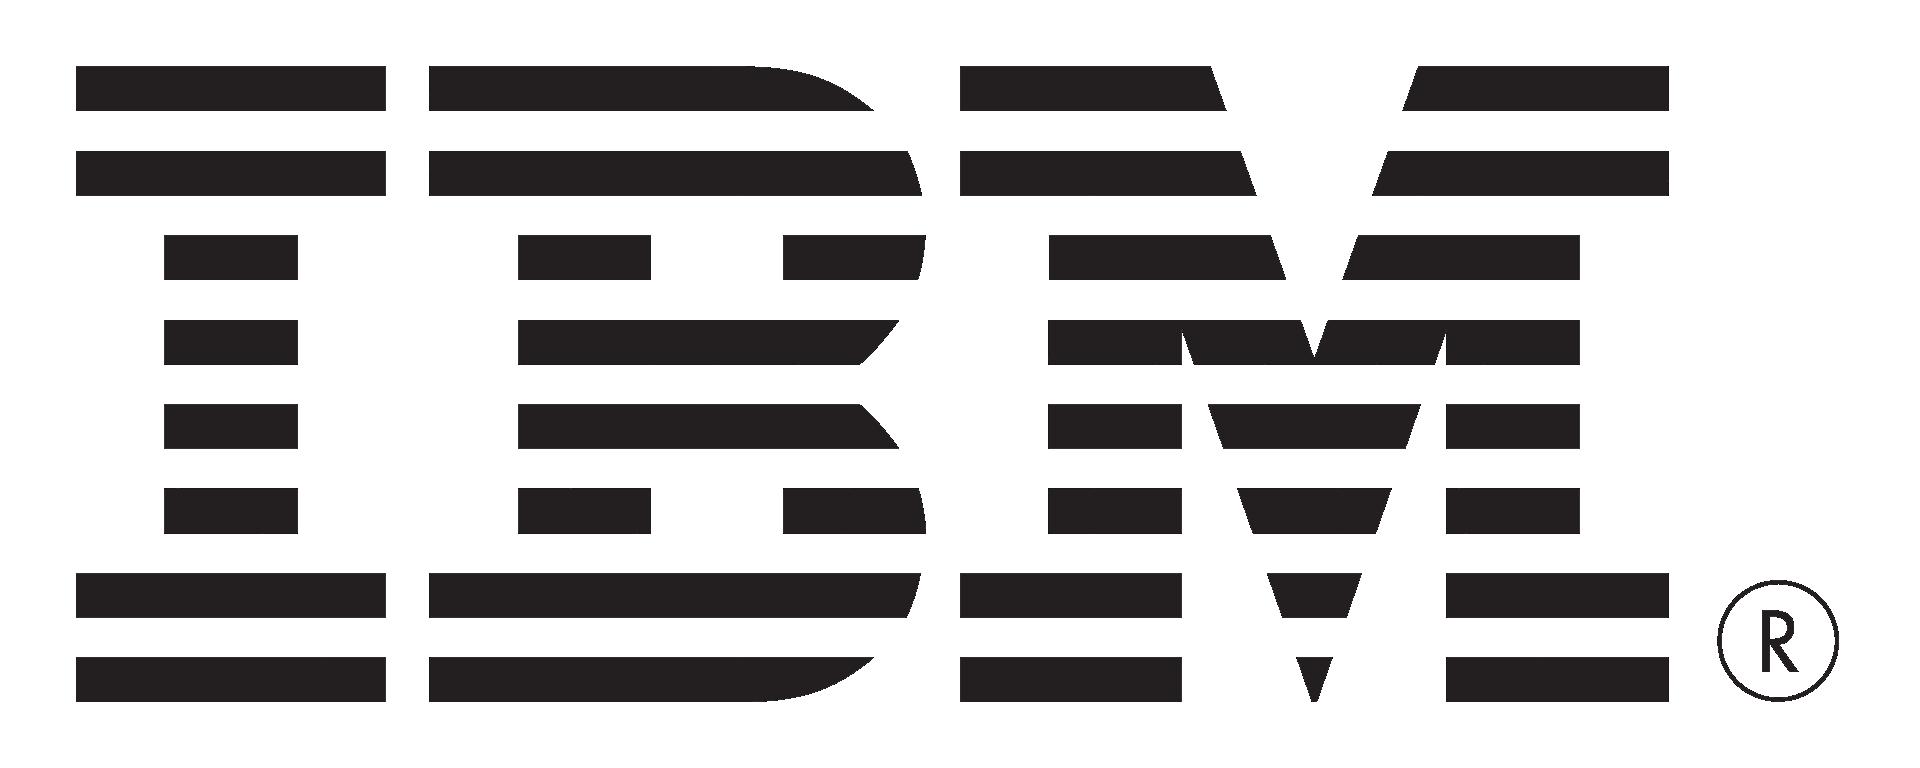 Logo Ibm PNG - 98726